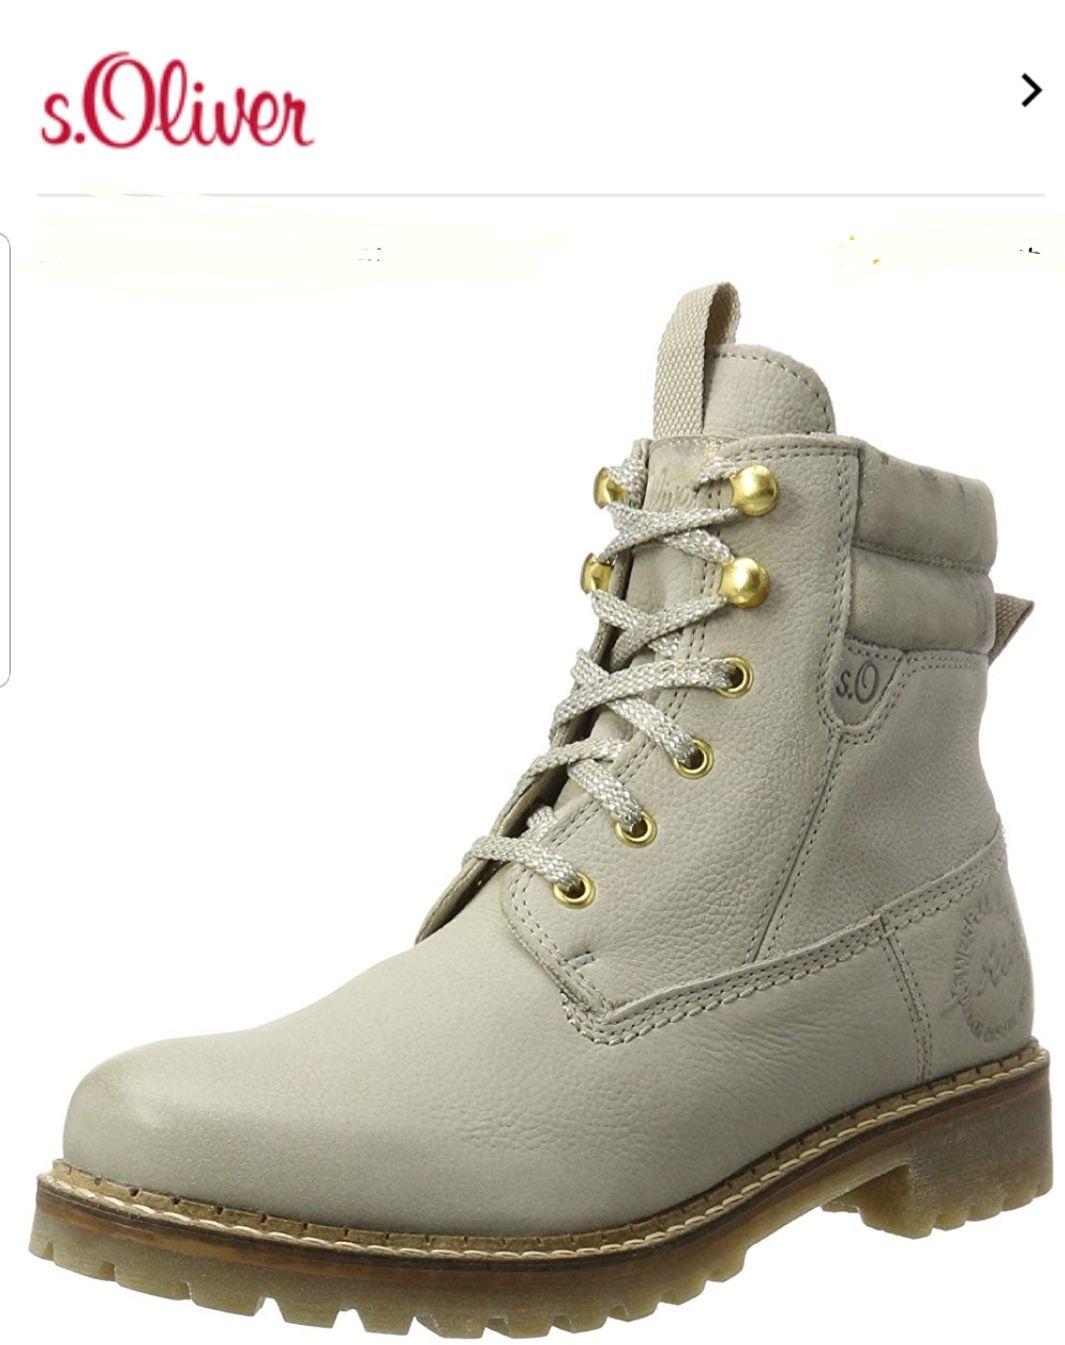 S.Oliver Damen Boots